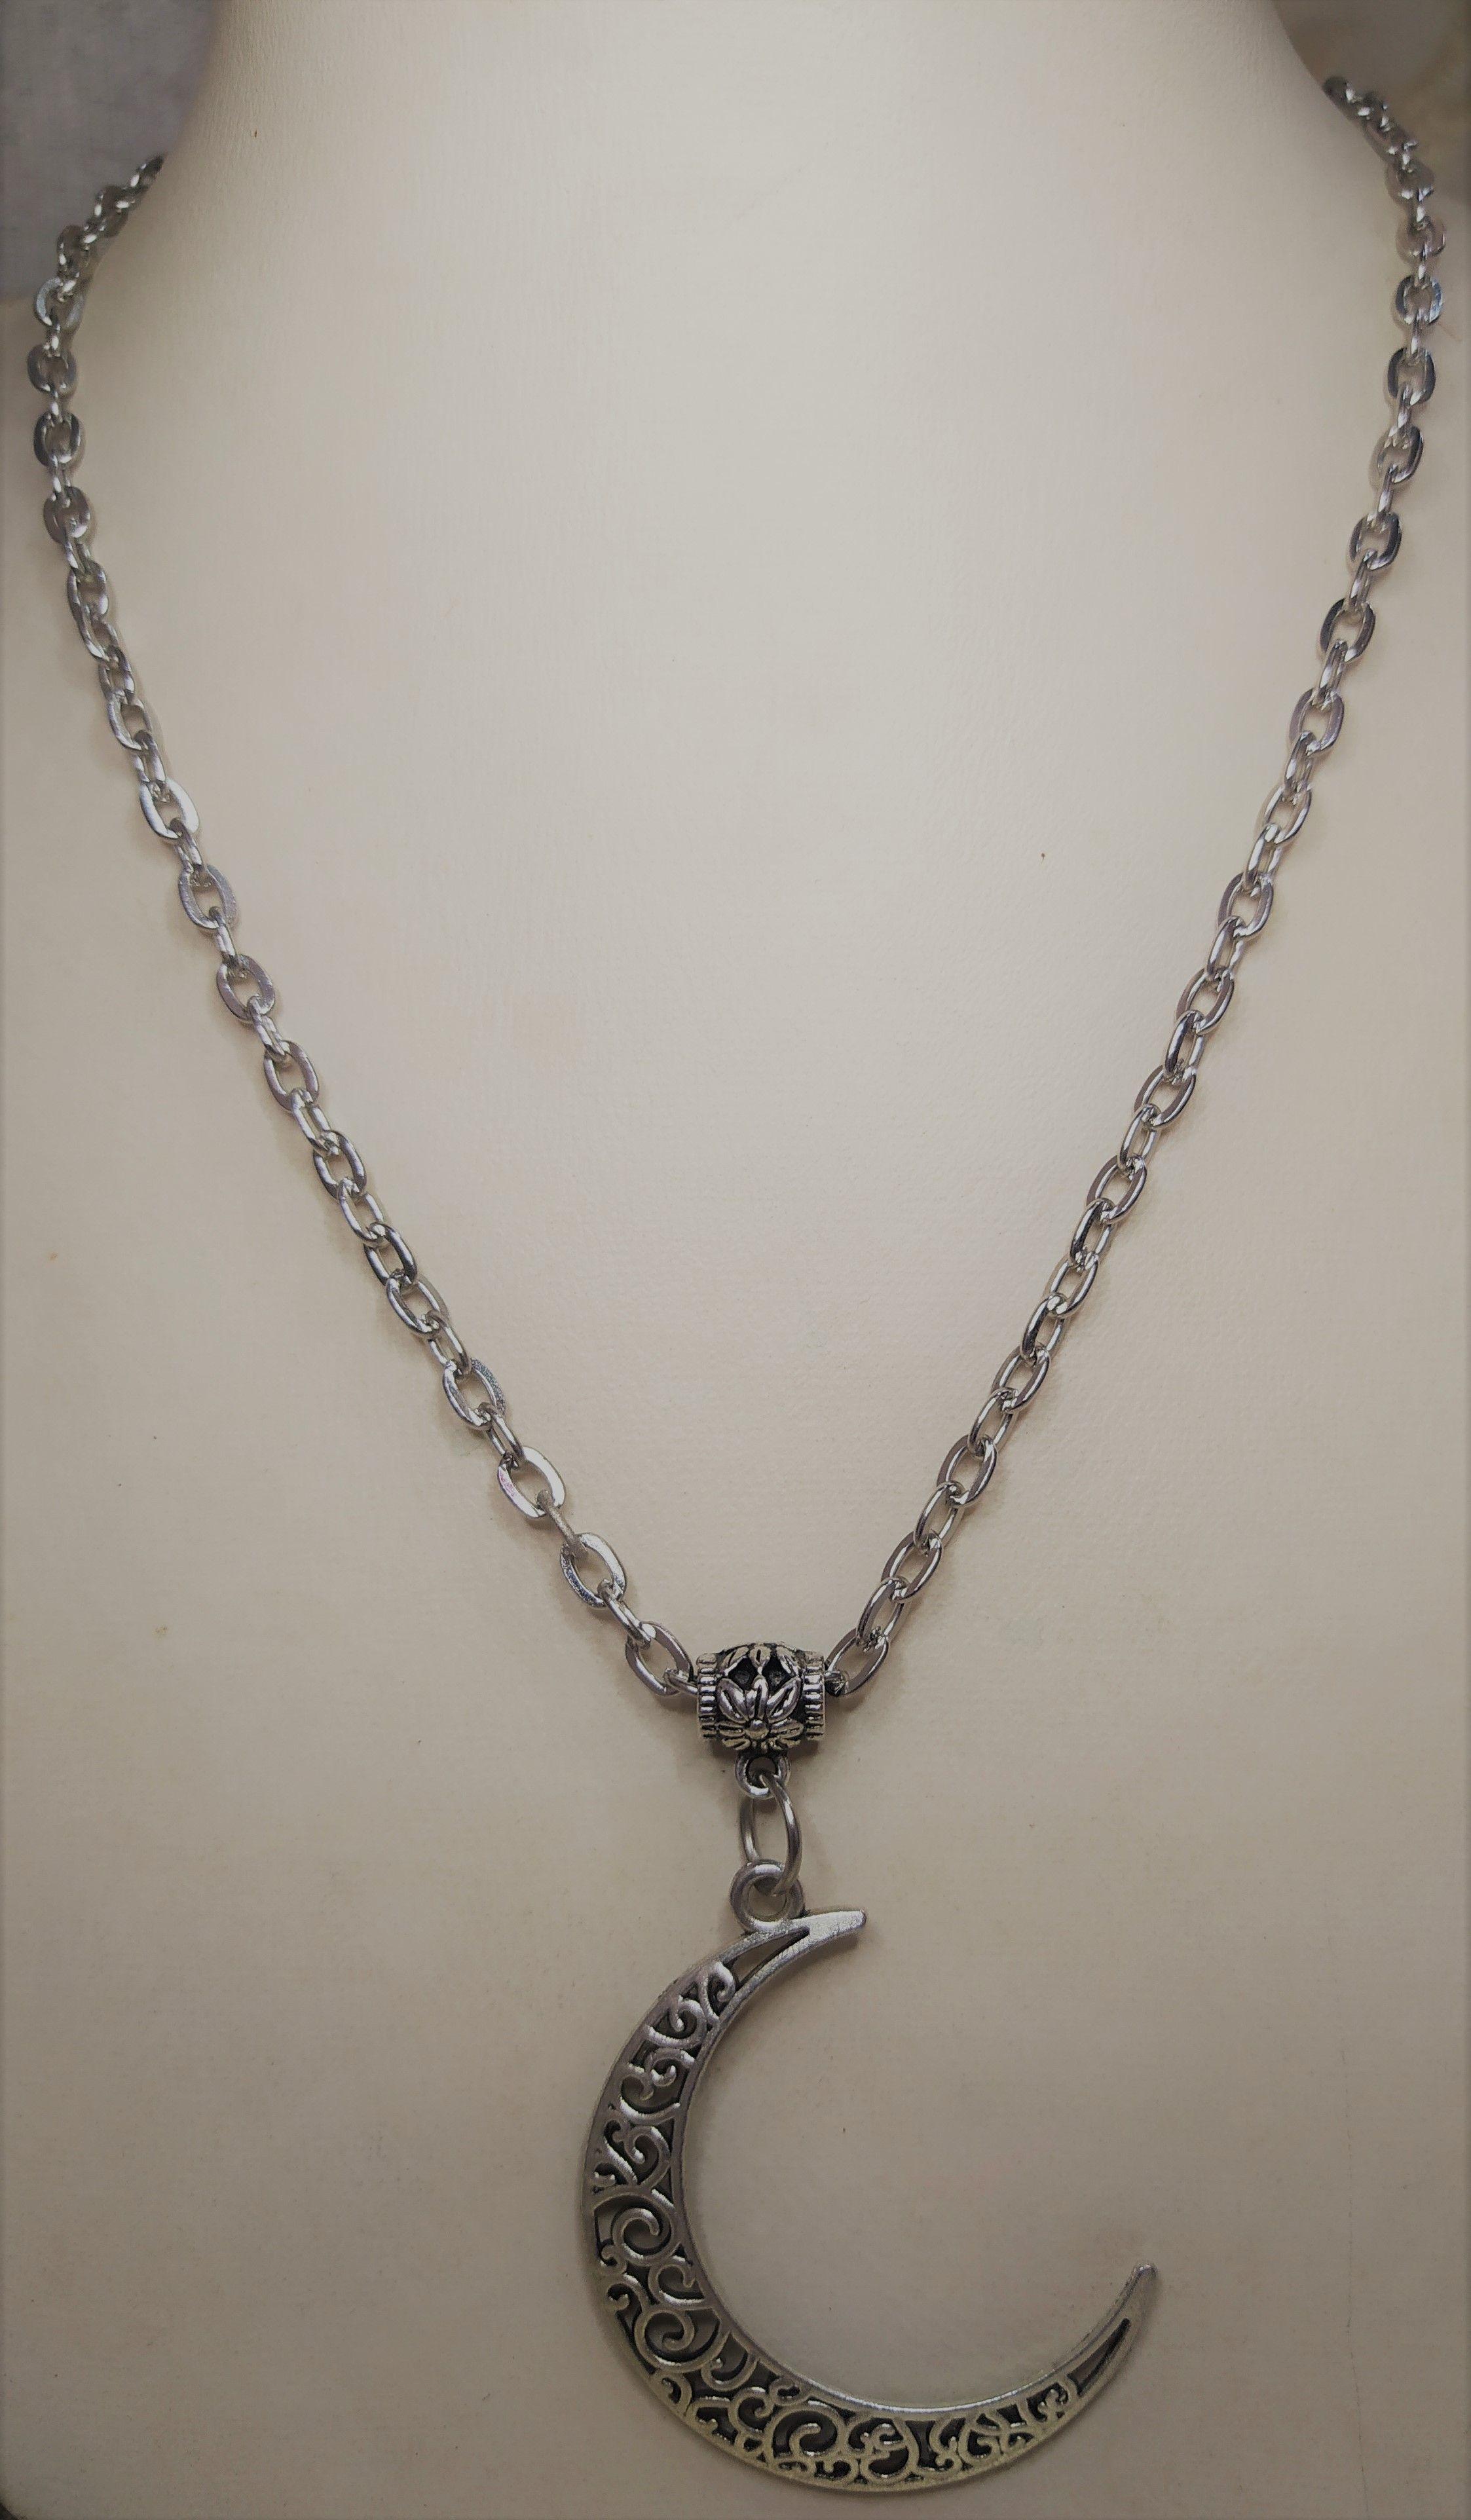 سلسله فضي بدلايه علي شكل هلال A Silver Neck Chain With Silver Crescent Beaded Bracelets Diy Beaded Bracelets Pearl Bracelet